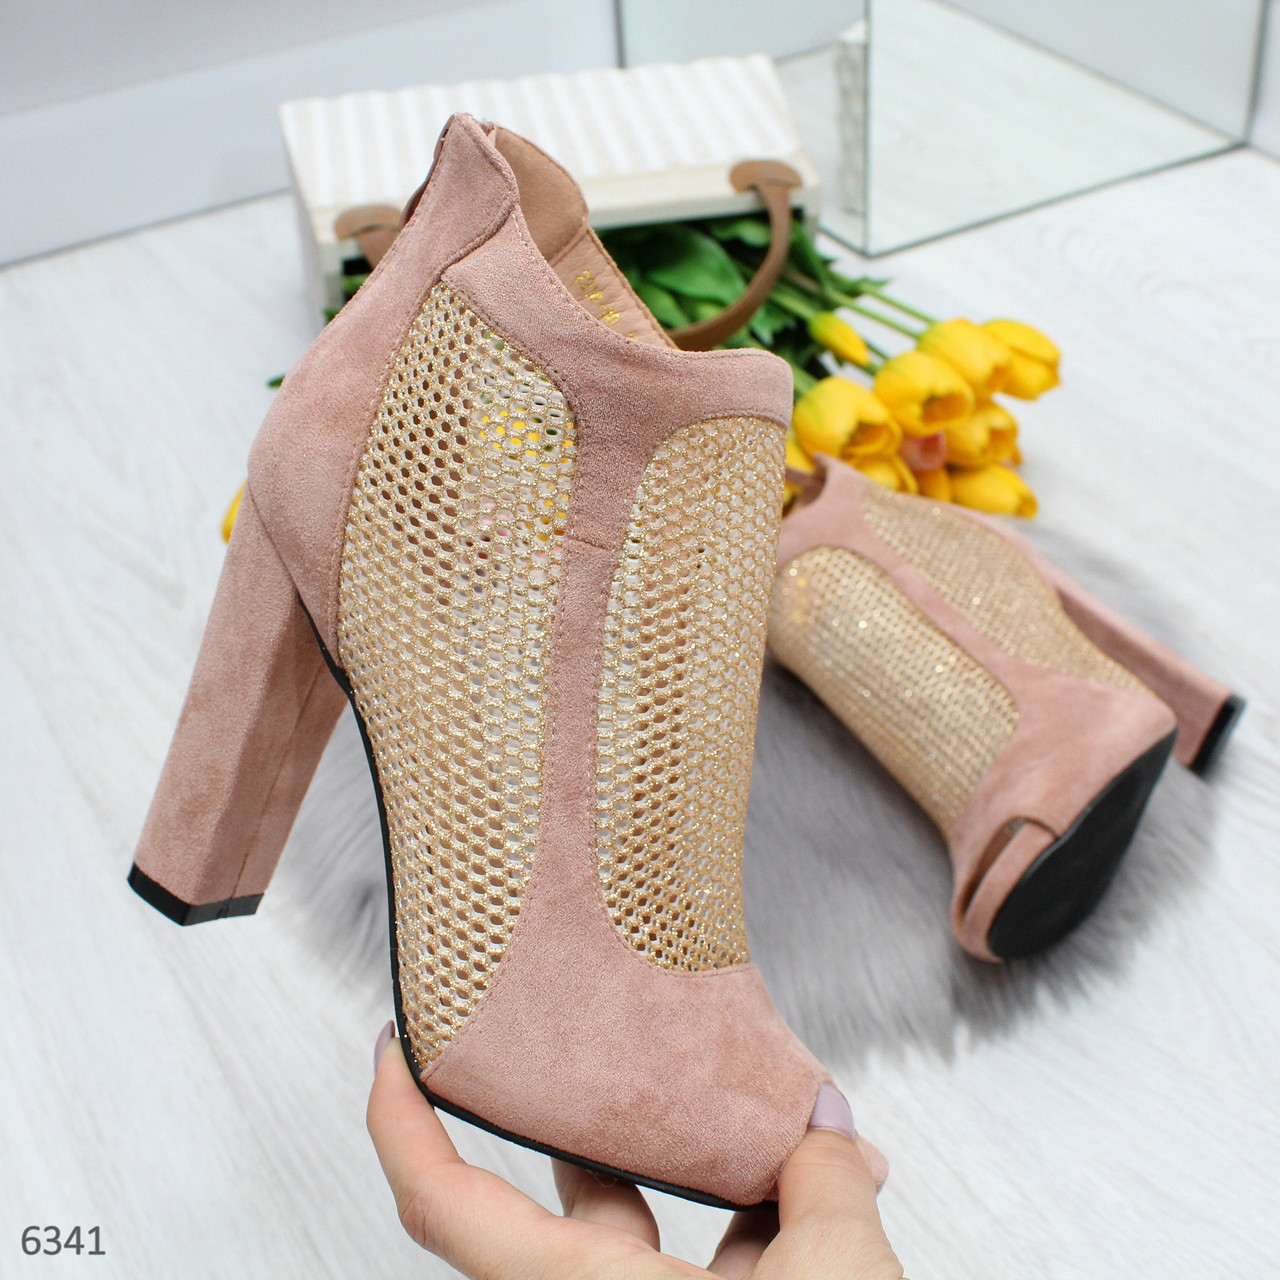 Женские замшевые закрытые босоножки на каблуке со сквозной сеткой OB6340